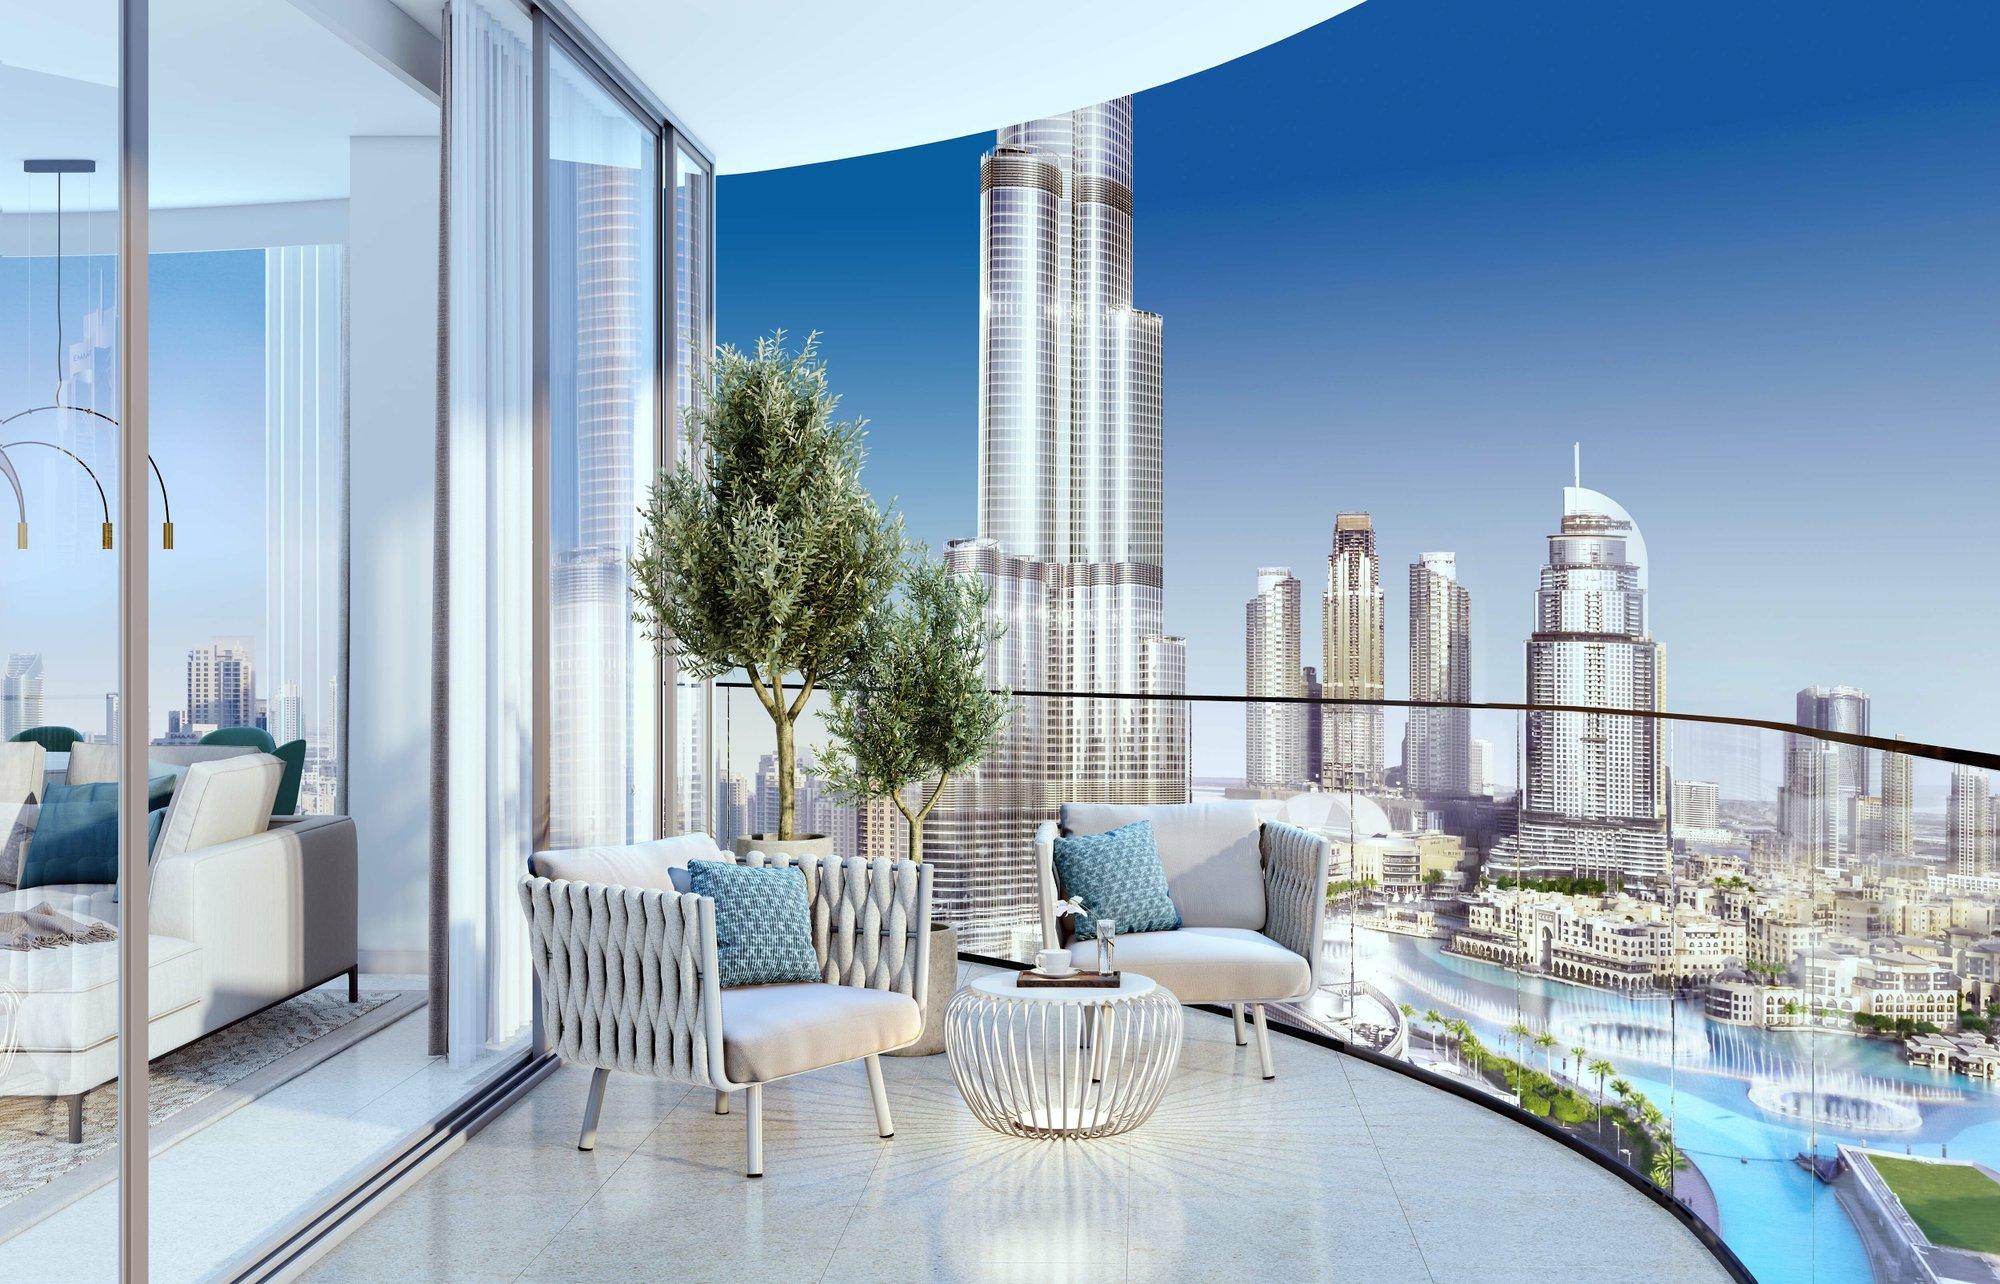 Apartment in Dubai, Dubai, United Arab Emirates 1 - 11560618